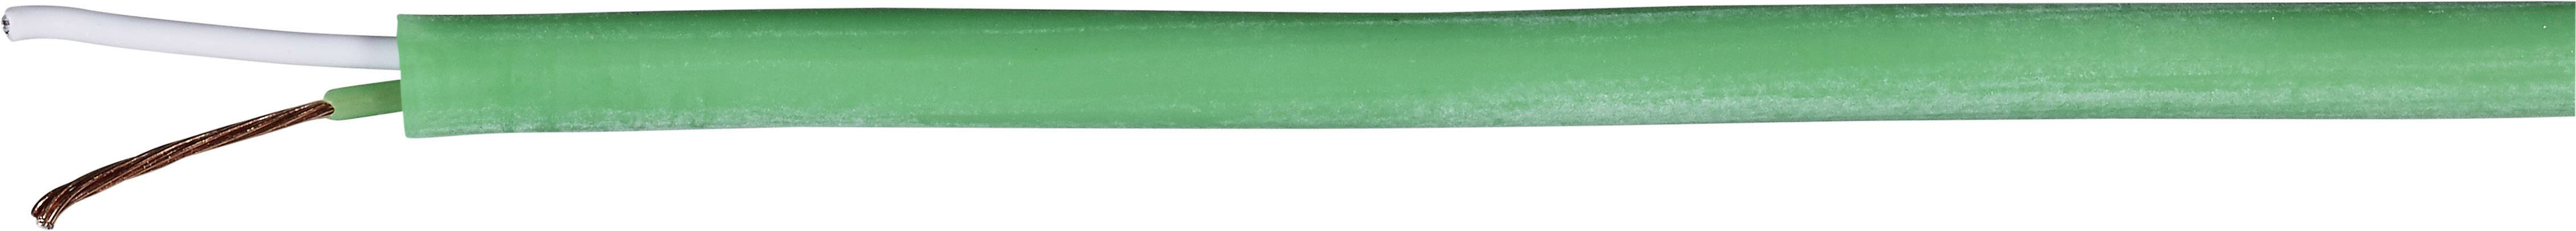 Silikónové vyrovnávacie vedenie B+B Thermo-Technik